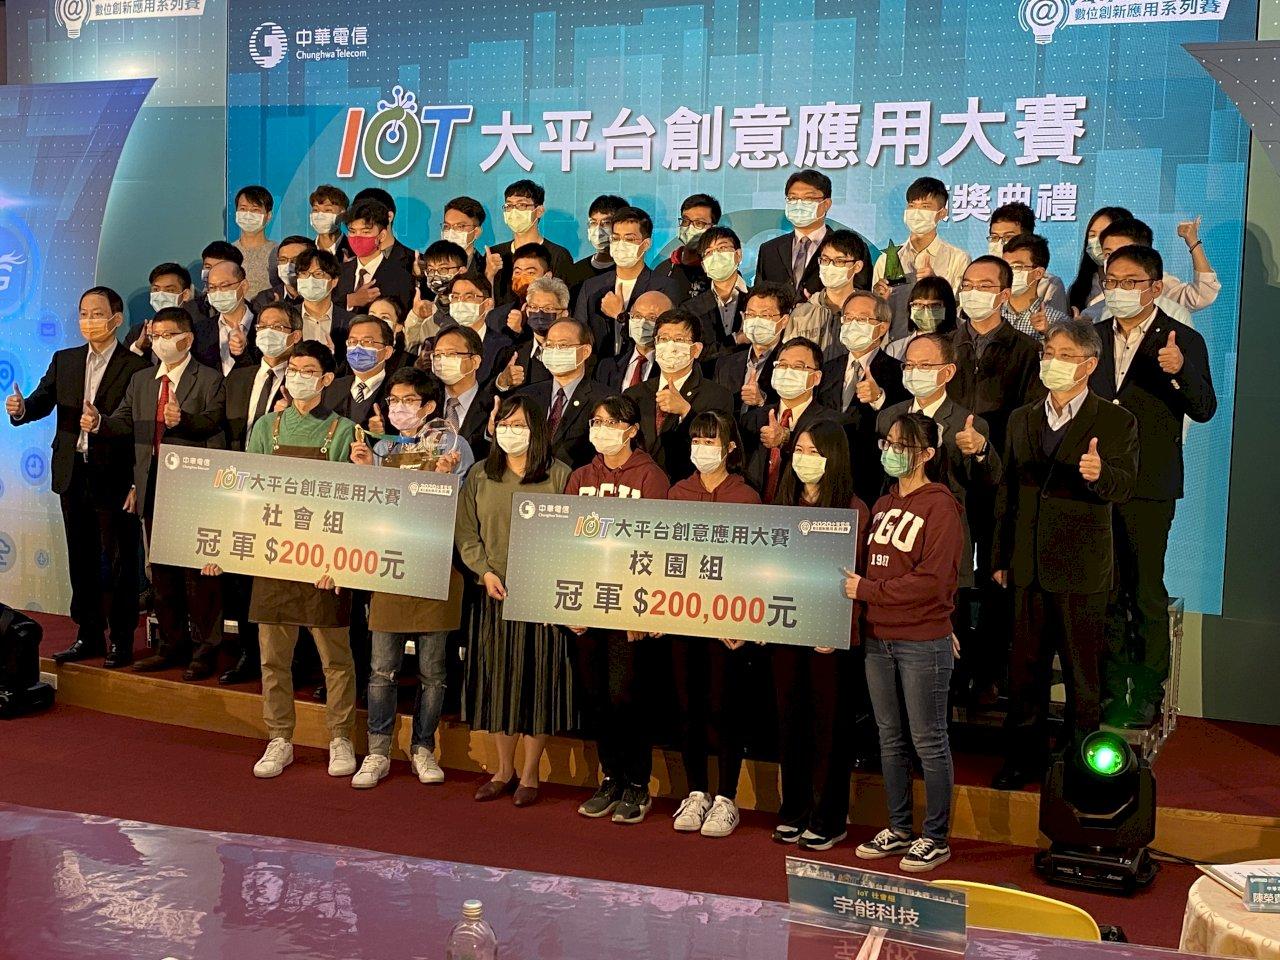 中華電信IoT大賽贏家出爐 謝繼茂:網羅頂尖人才、進軍全球市場